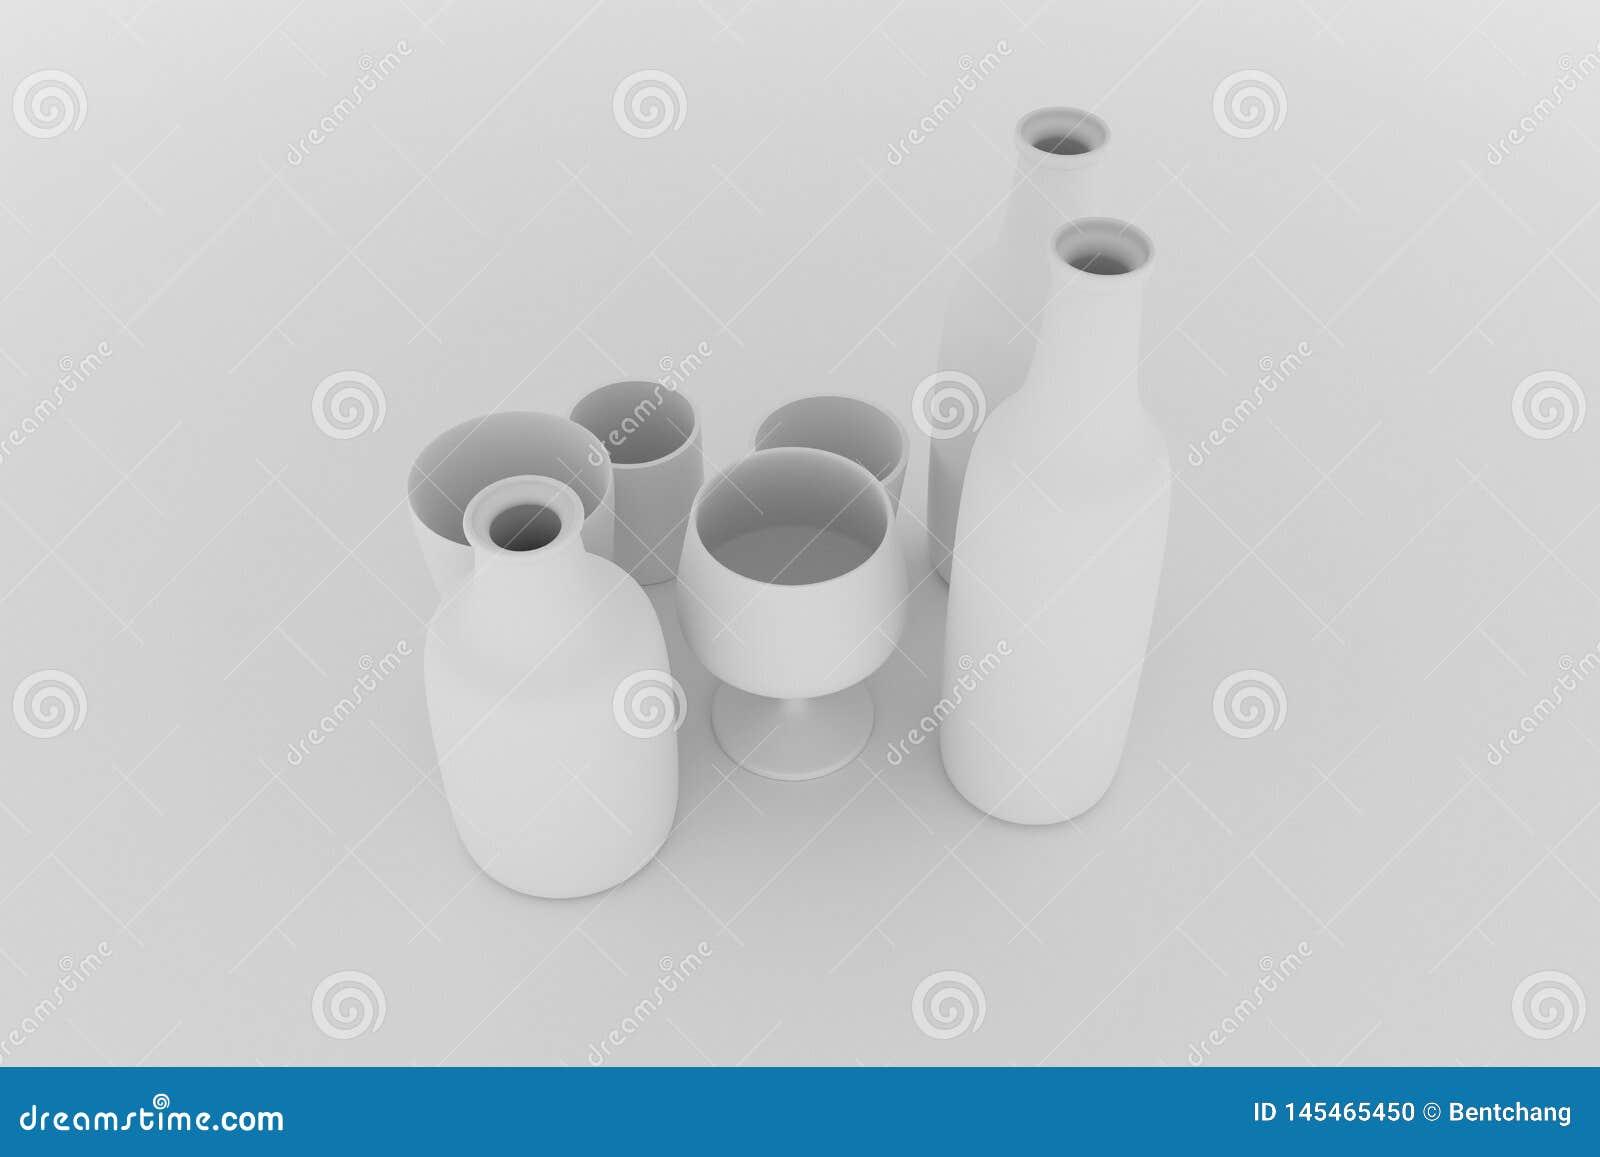 Cgi-Zusammensetzung, concepture Stillleben, Flasche u. Glas f?r Entwurfsbeschaffenheit, Hintergrund Grau oder Schwarzweiss--b&w 3